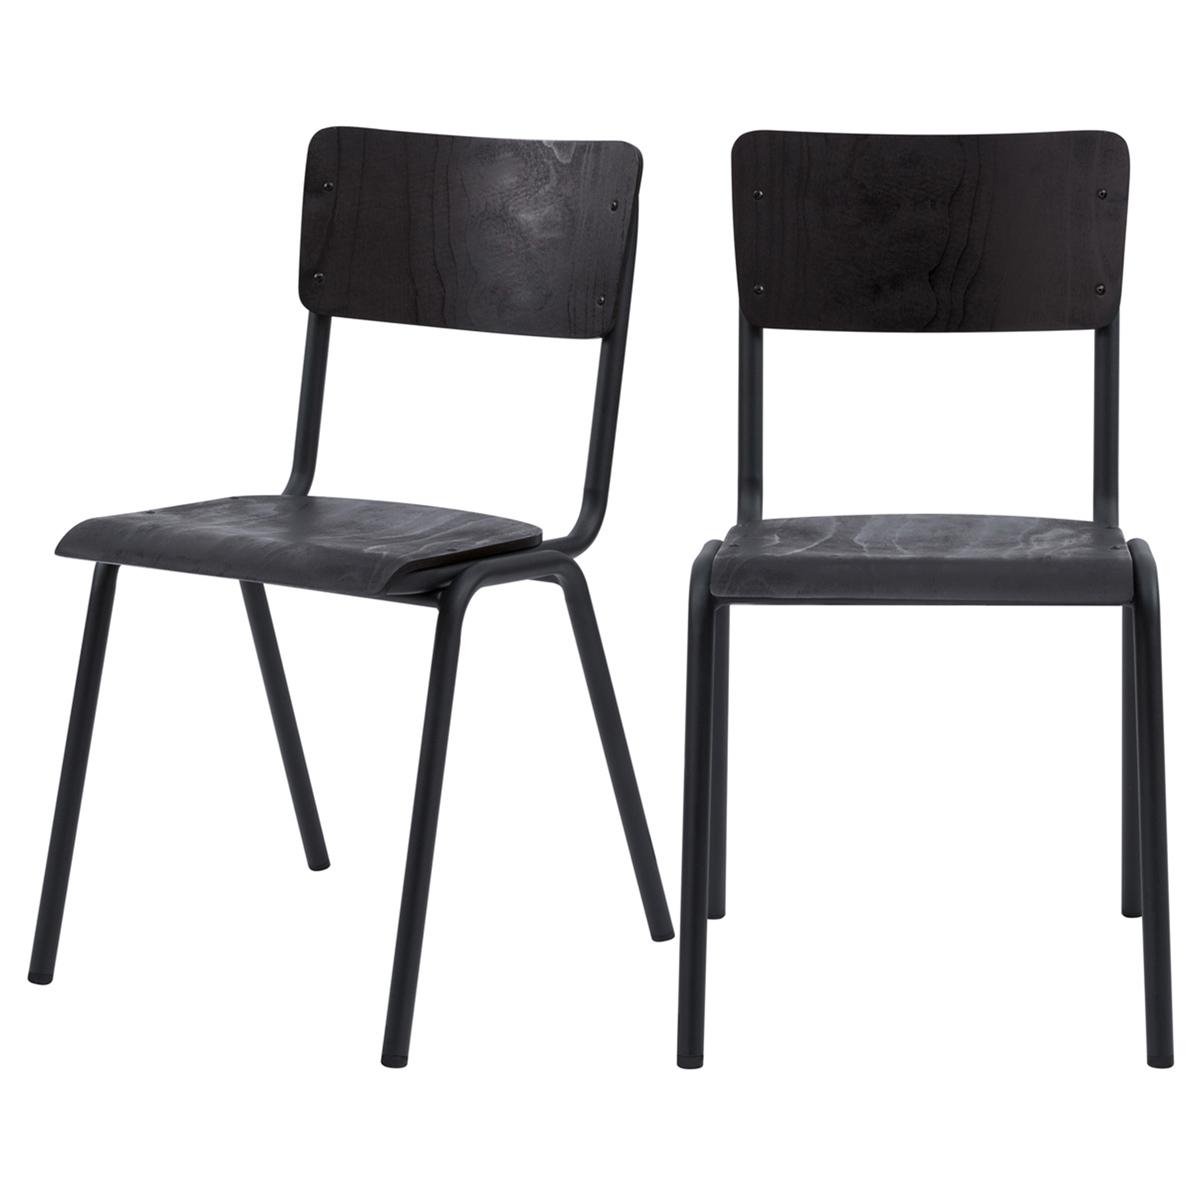 Chaise en bois noir et pieds en métal noir (lot de 2)